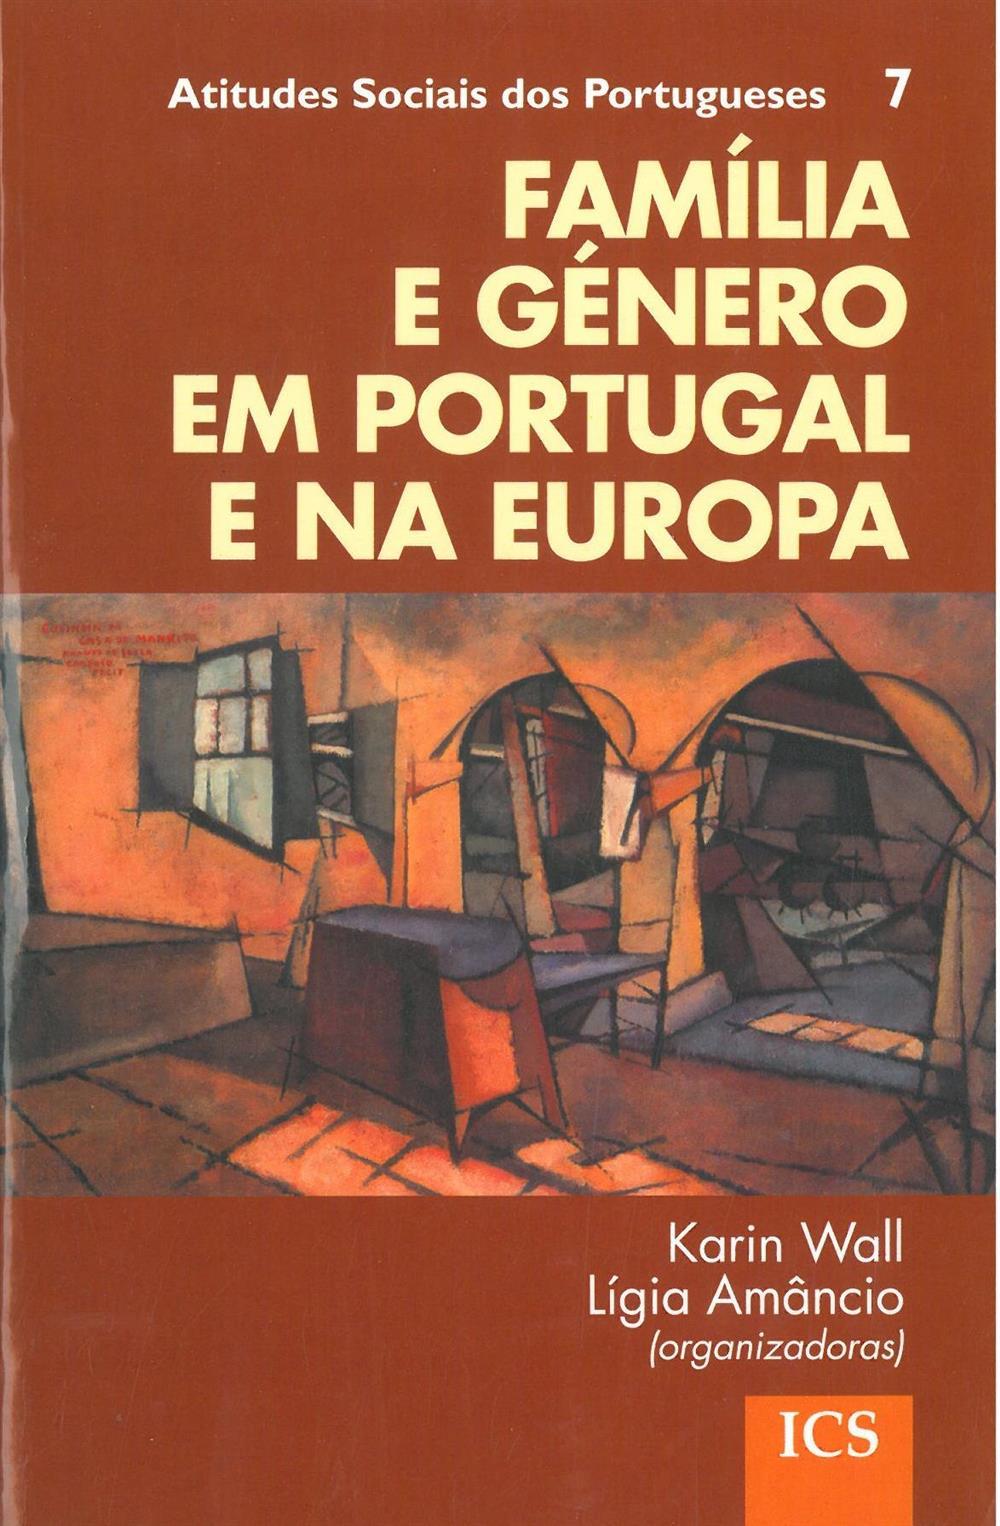 Família e género em Portugal e na Europa.jpg